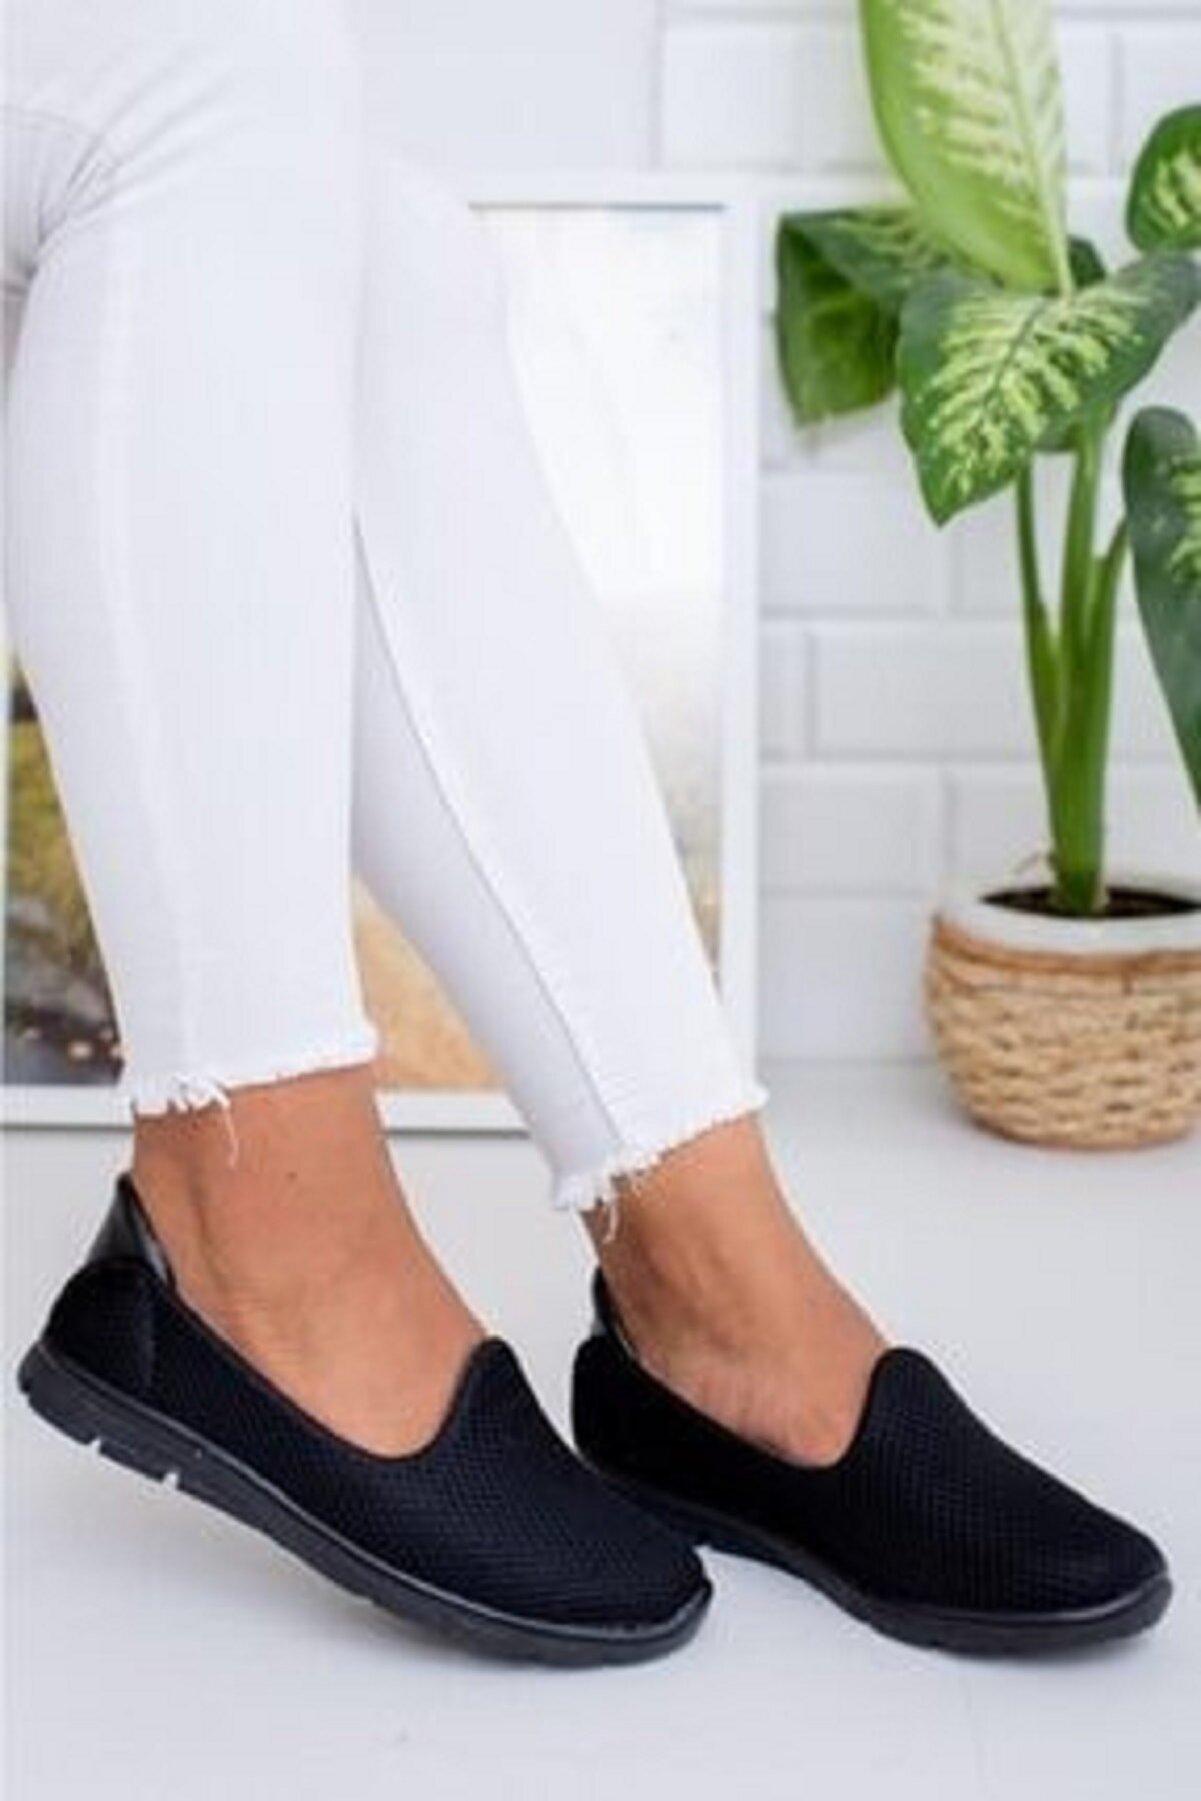 Beyond  Kadın Siyah Memory Foam Ortopedik Rahat Taban Spor Babet Ayakkabı